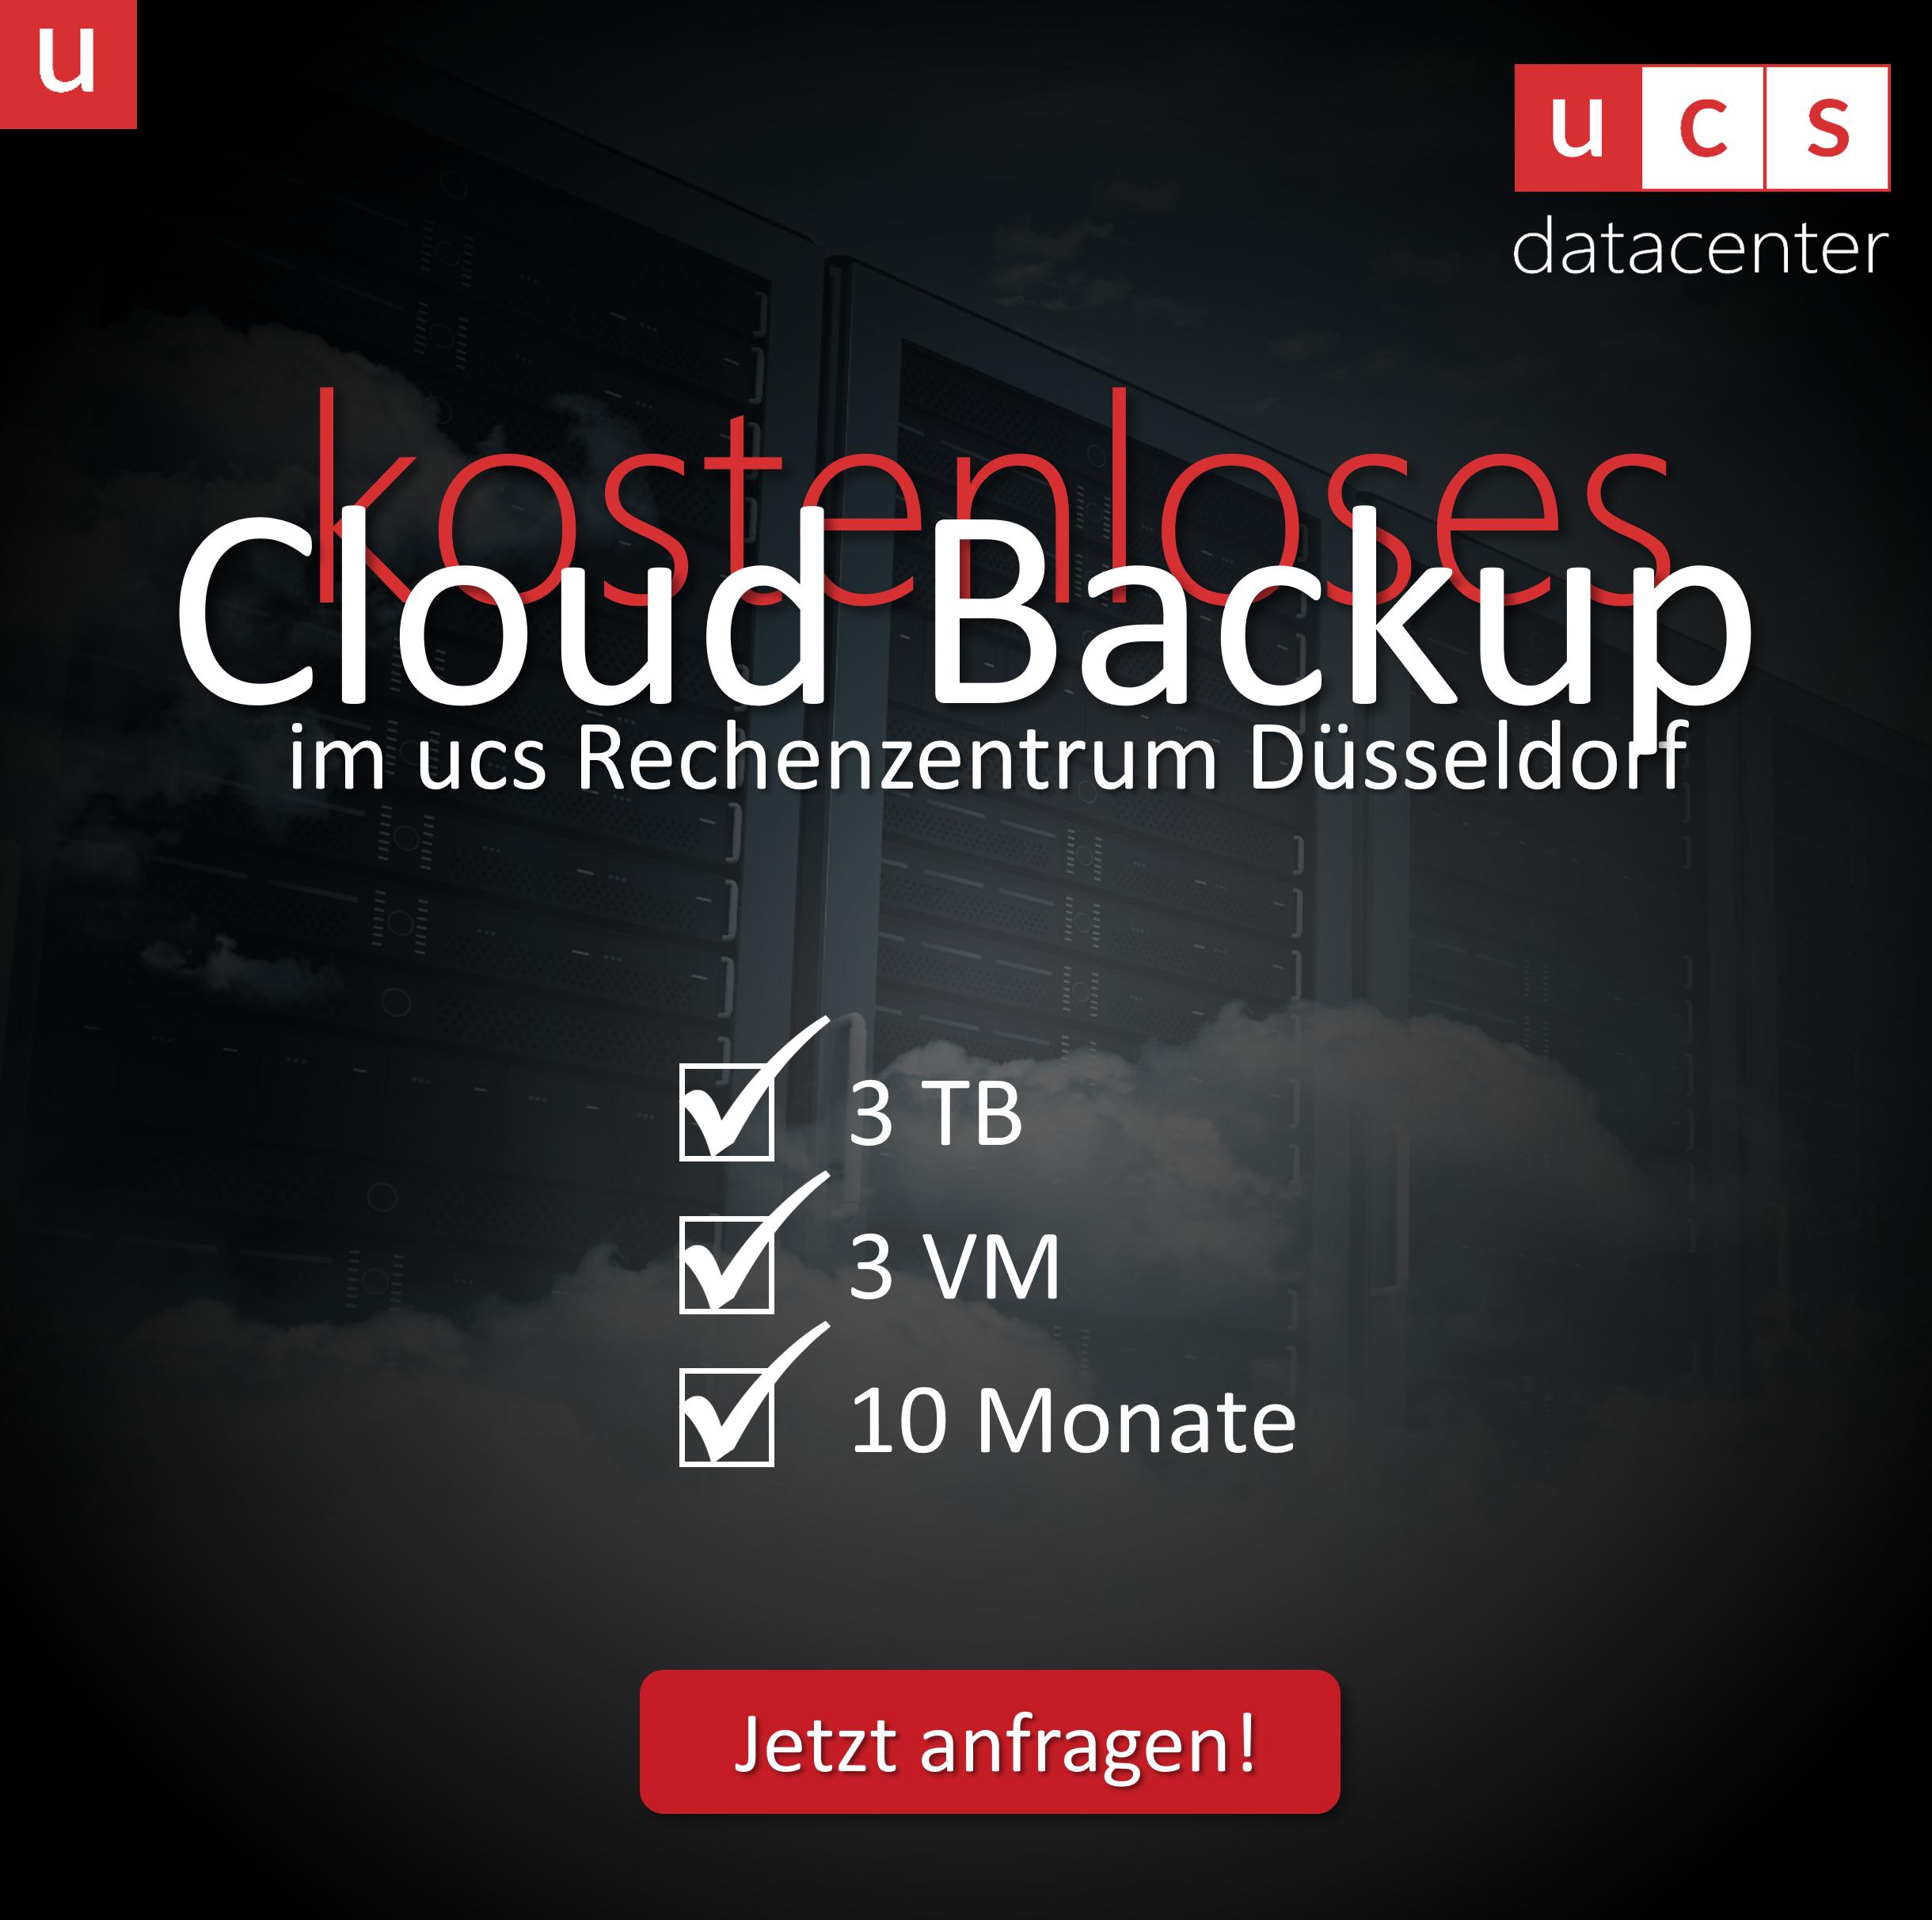 Kostenloses Cloud Backup für den Mittelstand   jetzt anfragen bei ucs datacenter GmbH